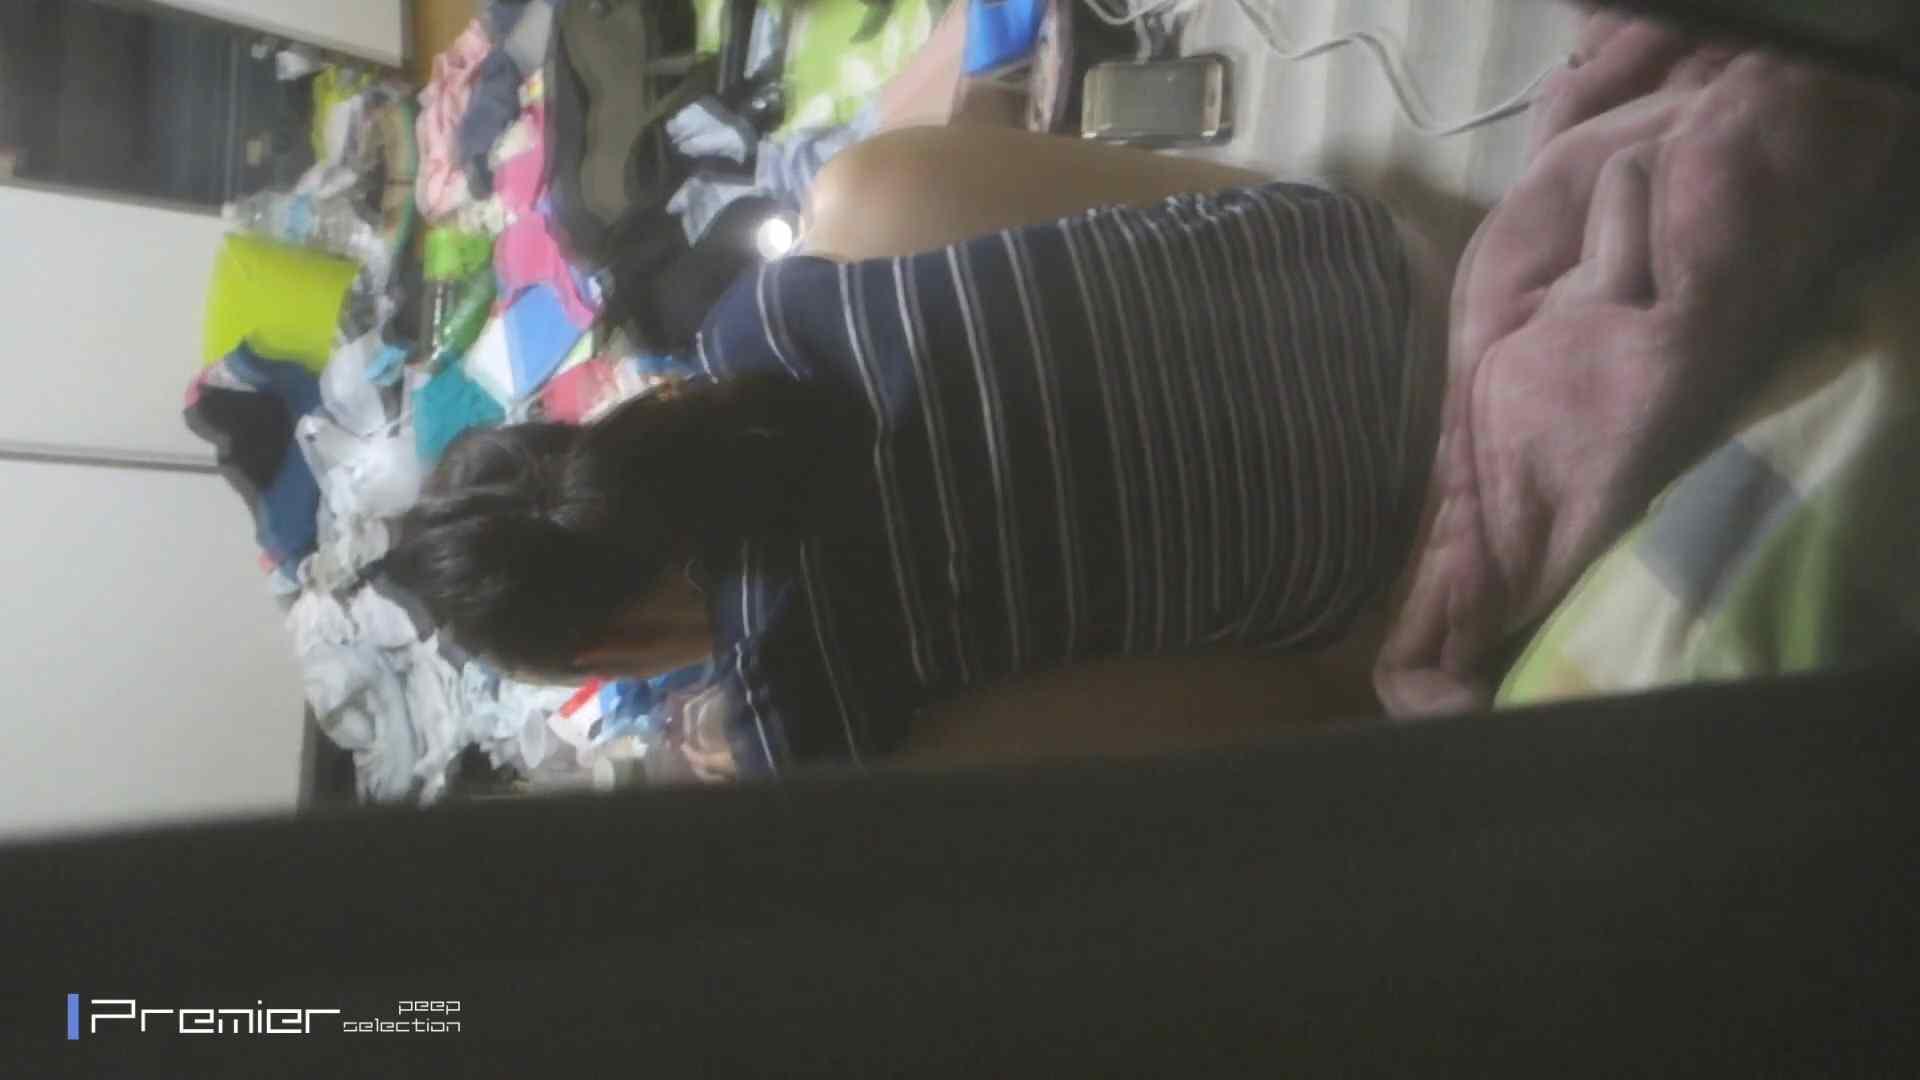 無修正エロ動画|美女達の私生活に潜入!ミスキャンパスの私生活 他 1 名|怪盗ジョーカー